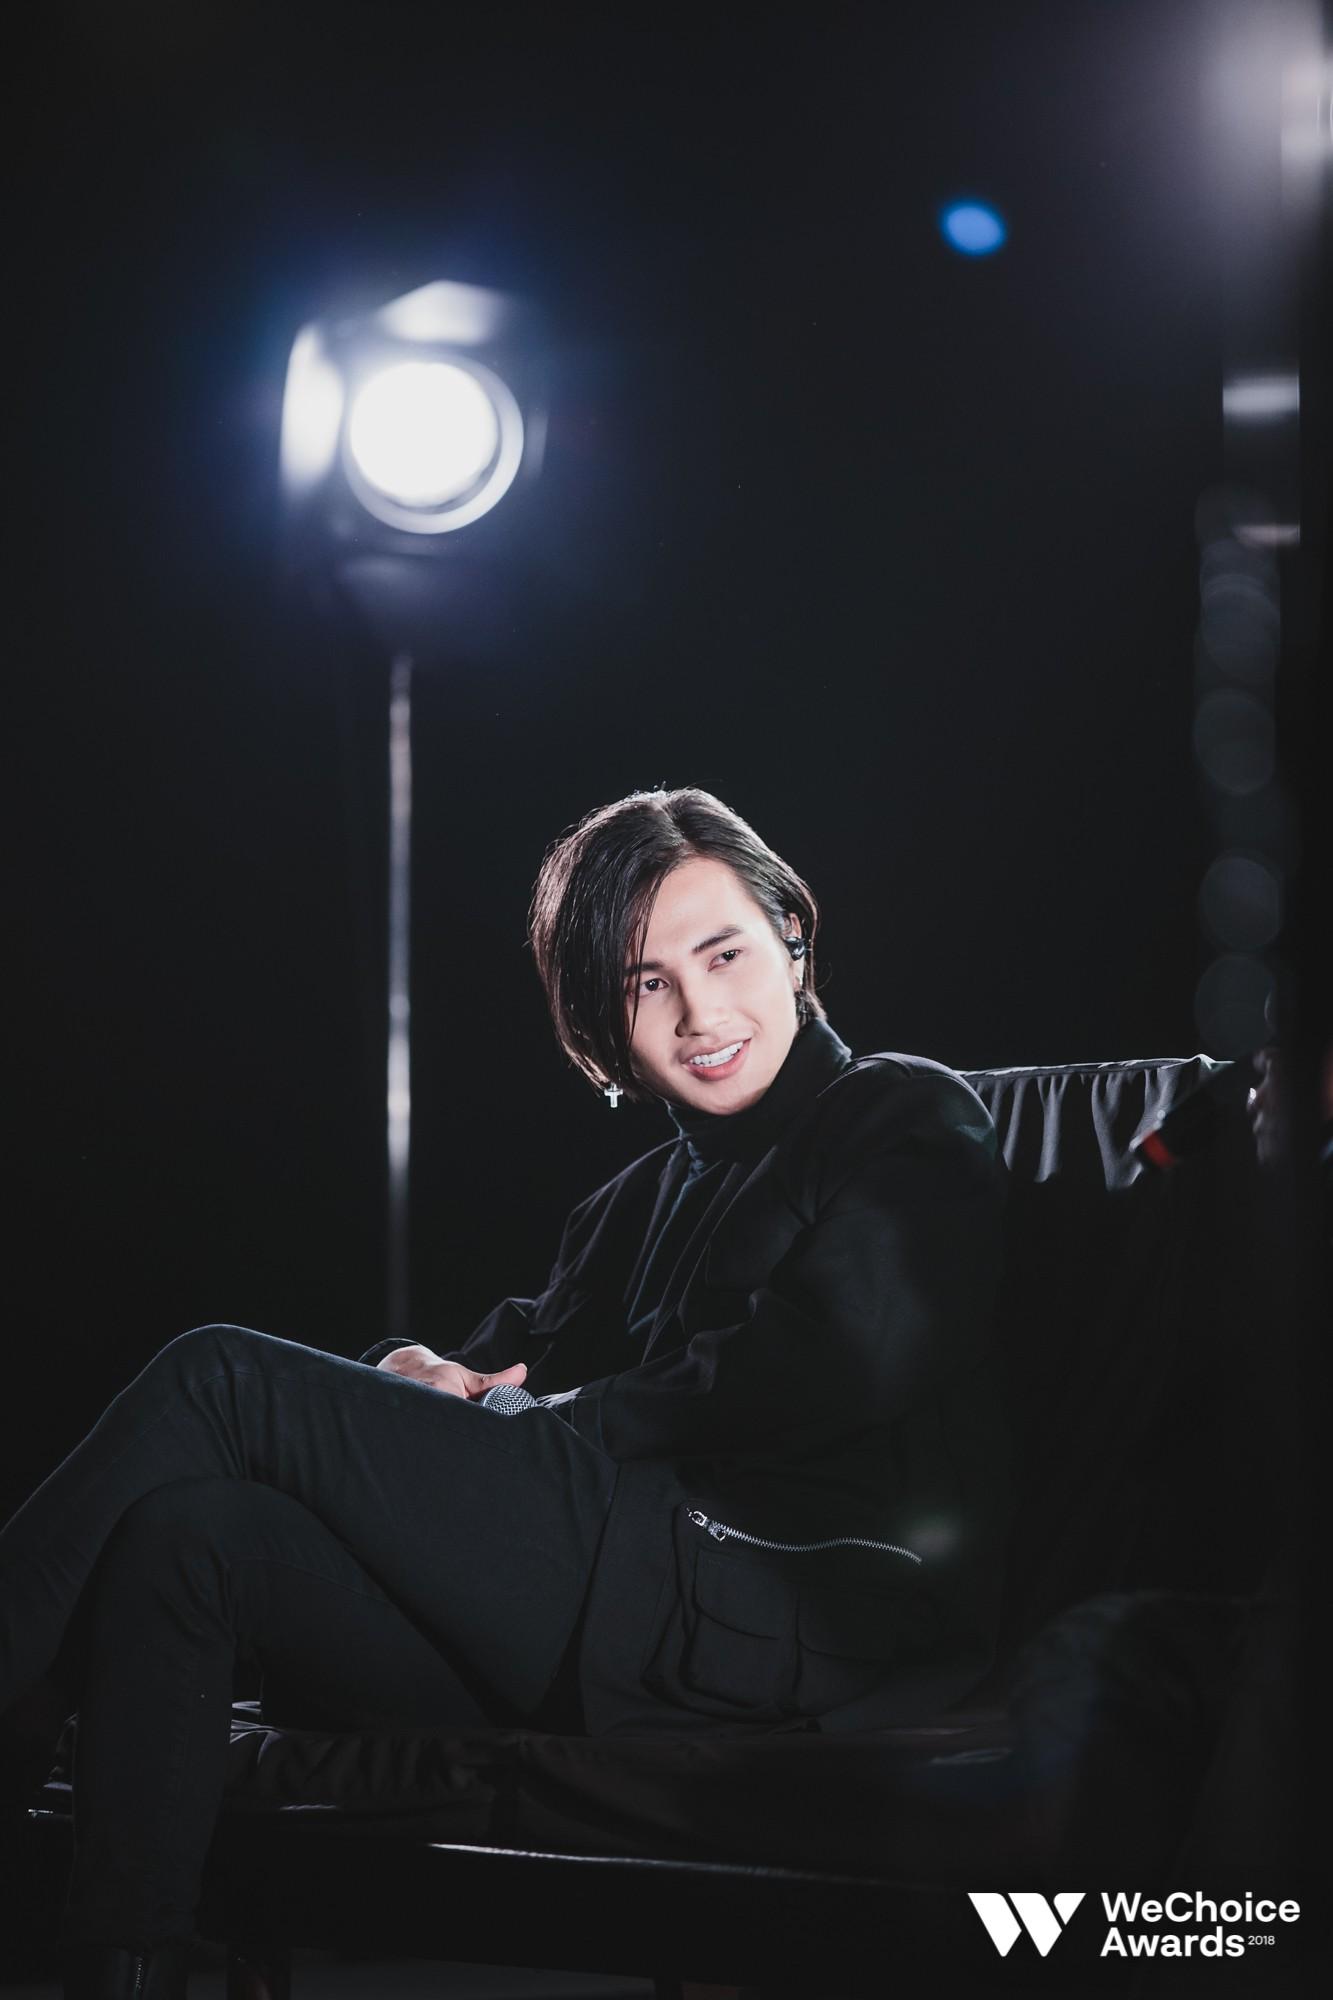 Clip: Tất tần tật các sân khấu đã tai mãn nhãn trong đêm Gala WeChoice Awards 2018 - Ảnh 27.